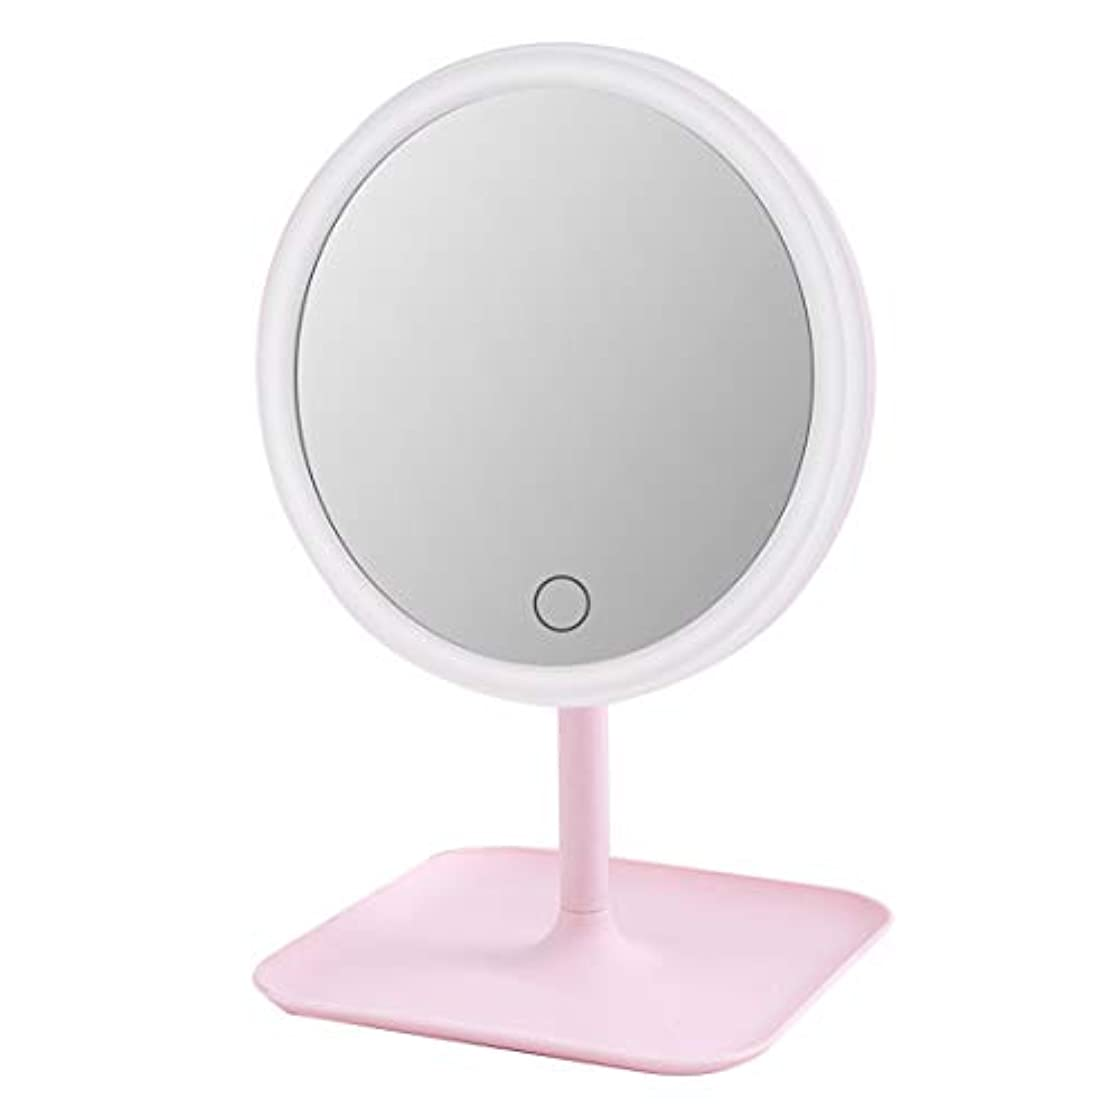 潮変換する順番化粧鏡 化粧ミラー 鏡 女優ミラー 卓上ミラー ライトの明るさを調節可能 180°回転 LEDライト付き USB充電式 無段階調光 (ピンク, 三色光)